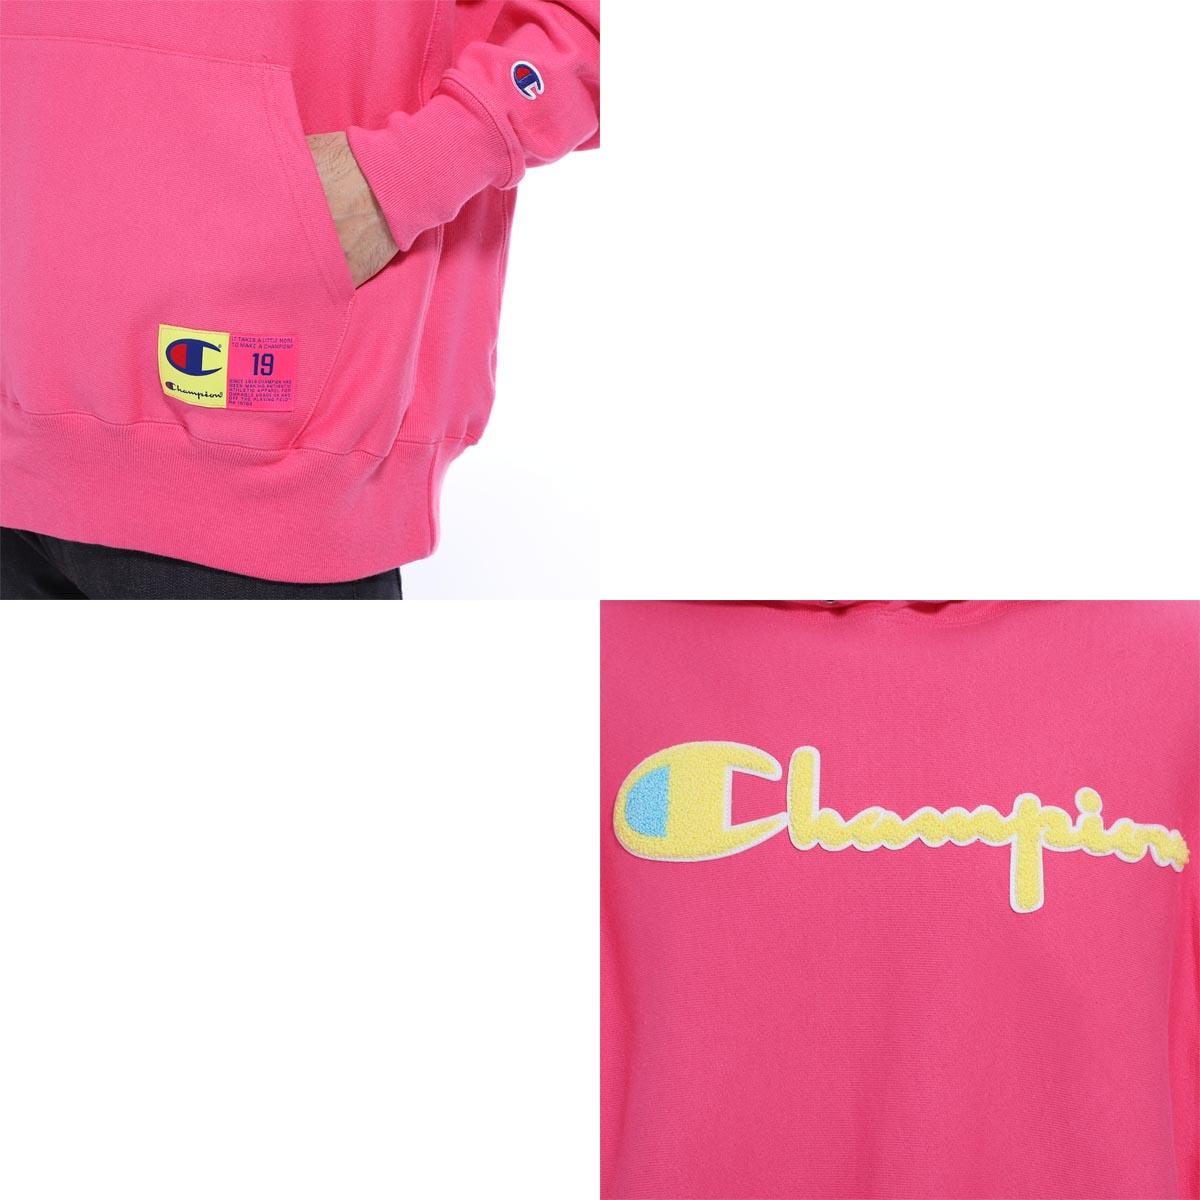 【アウトレット】Champion チャンピオン スウェットパーカ/REVERSE WEAVE HOODIE CHENILLE LOGO メンズ